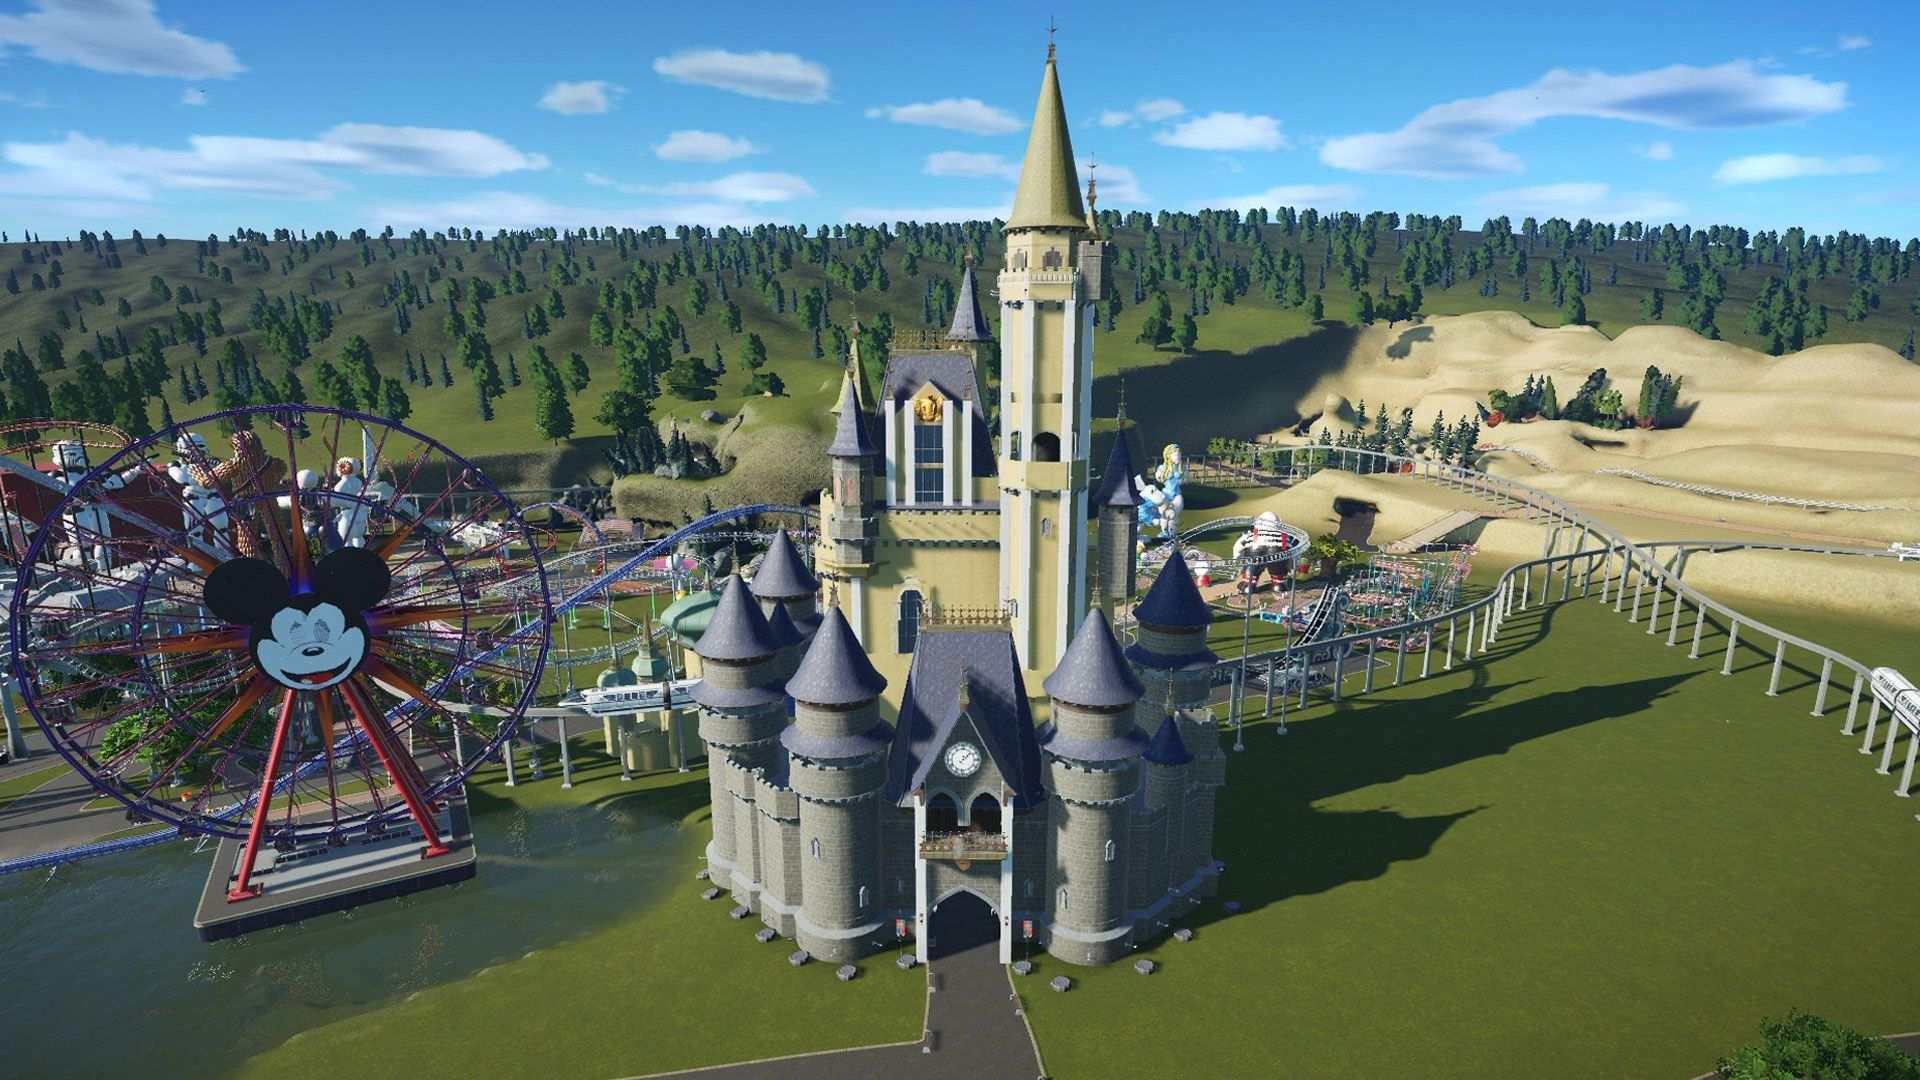 Eine Ideale Vorlage Sind Existierende Vorlagen Wie Das Uns Bekannte Disney Schloss Disney Schloss Overwatch Planet